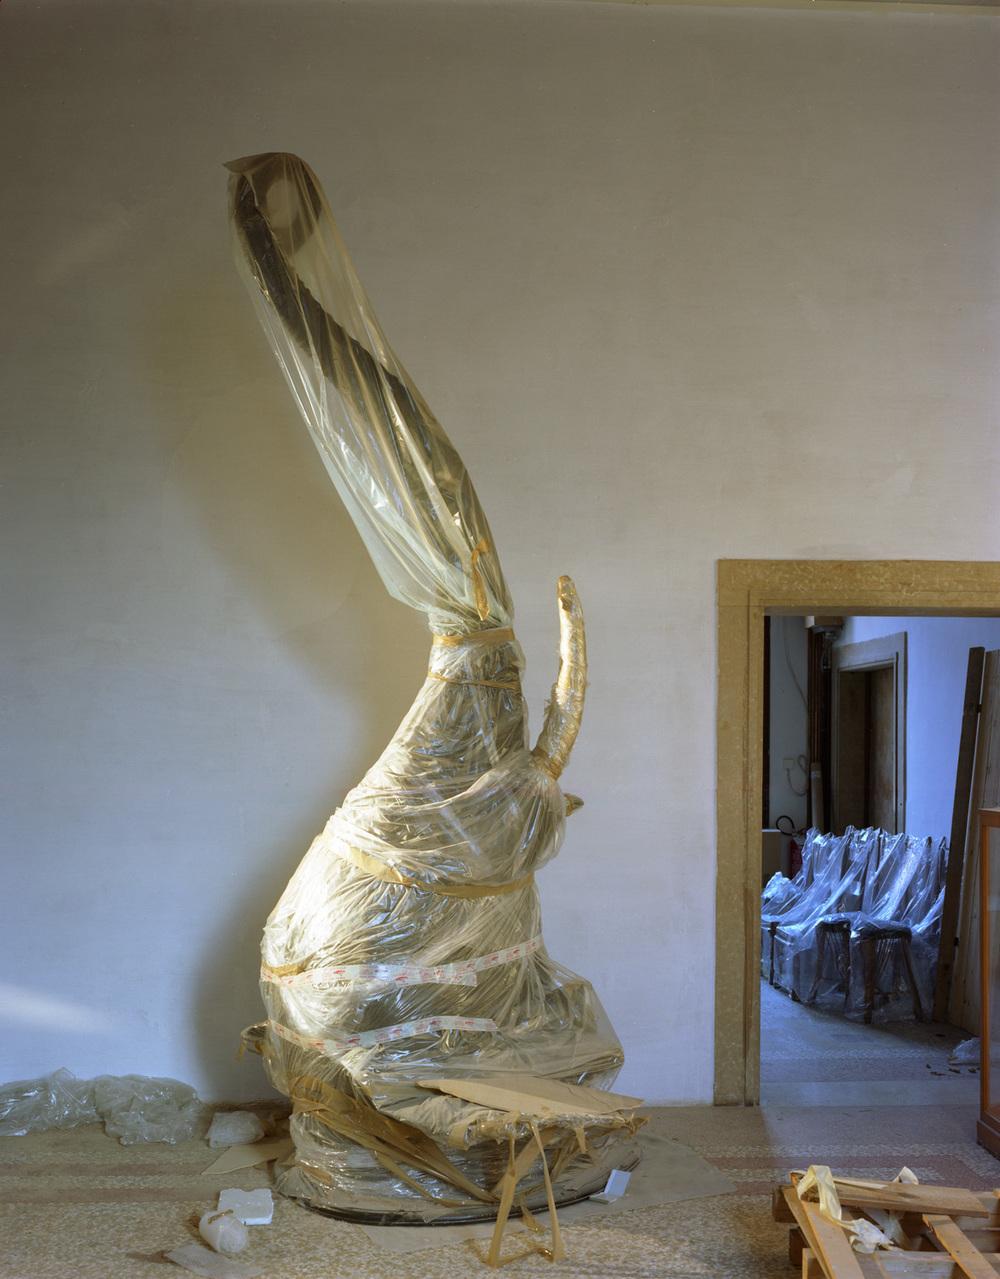 Venice Bird, 2006